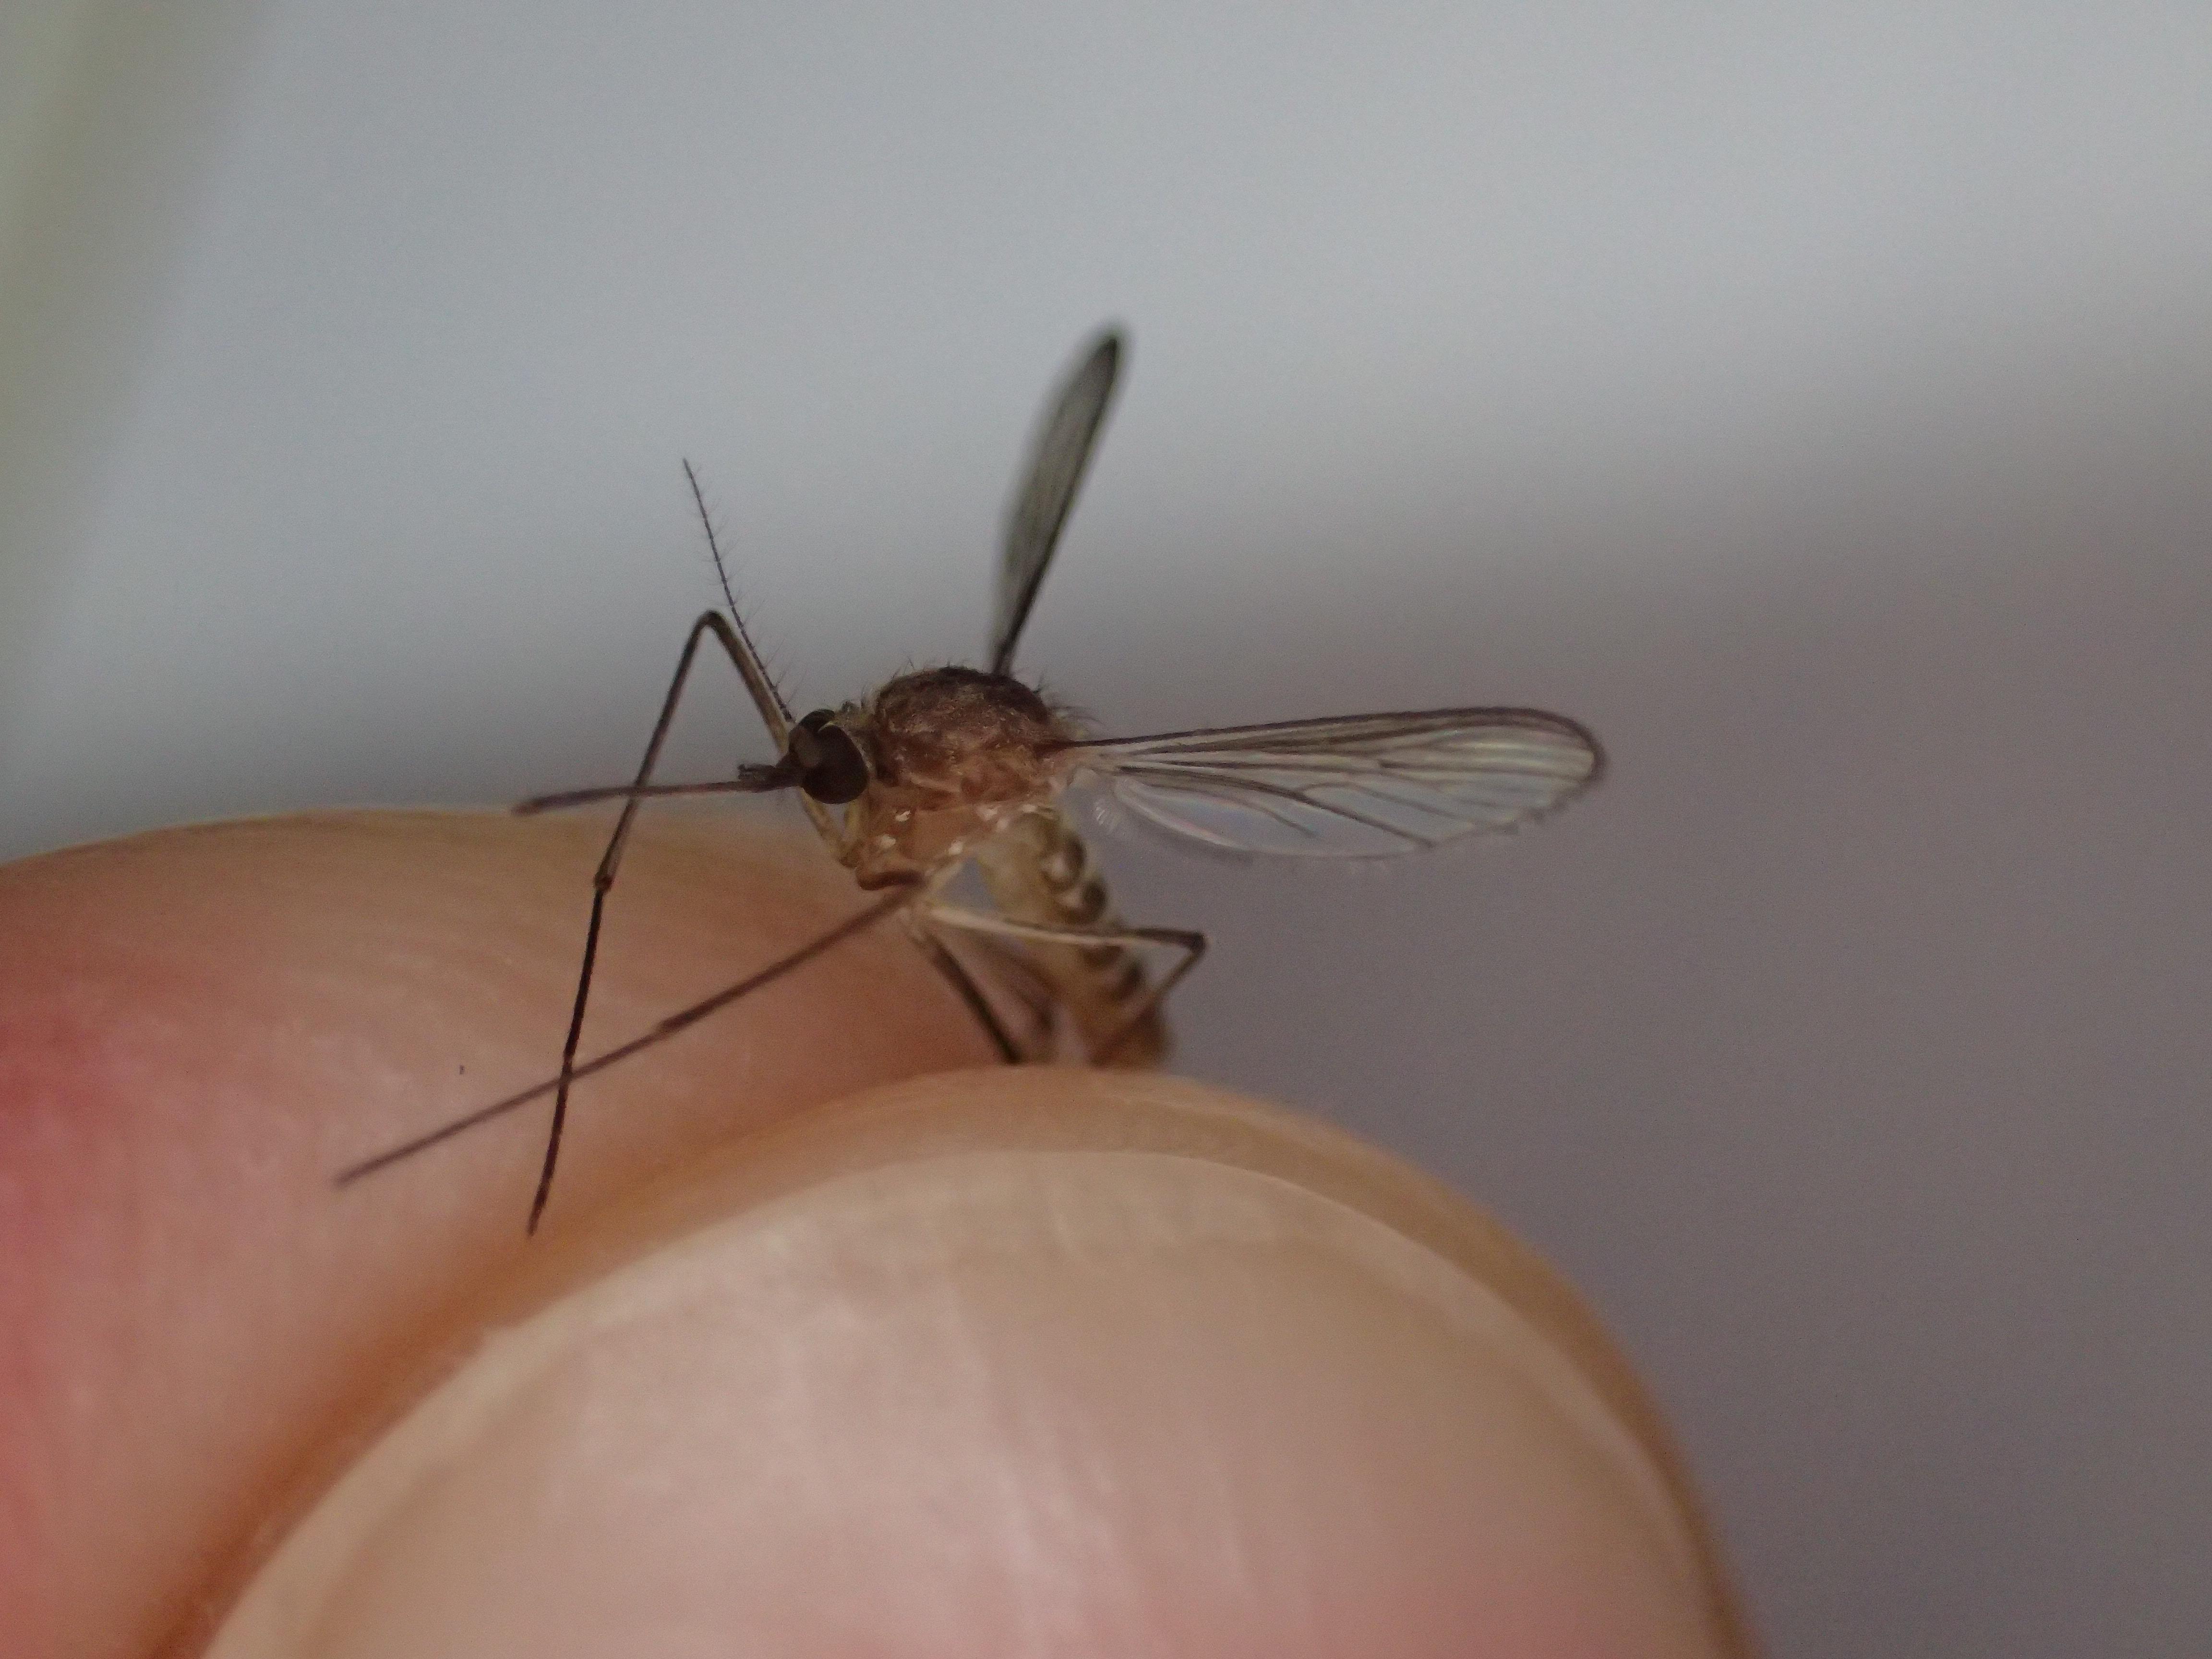 吸血性の害虫イエカ(蚊)の死骸を撮影した写真